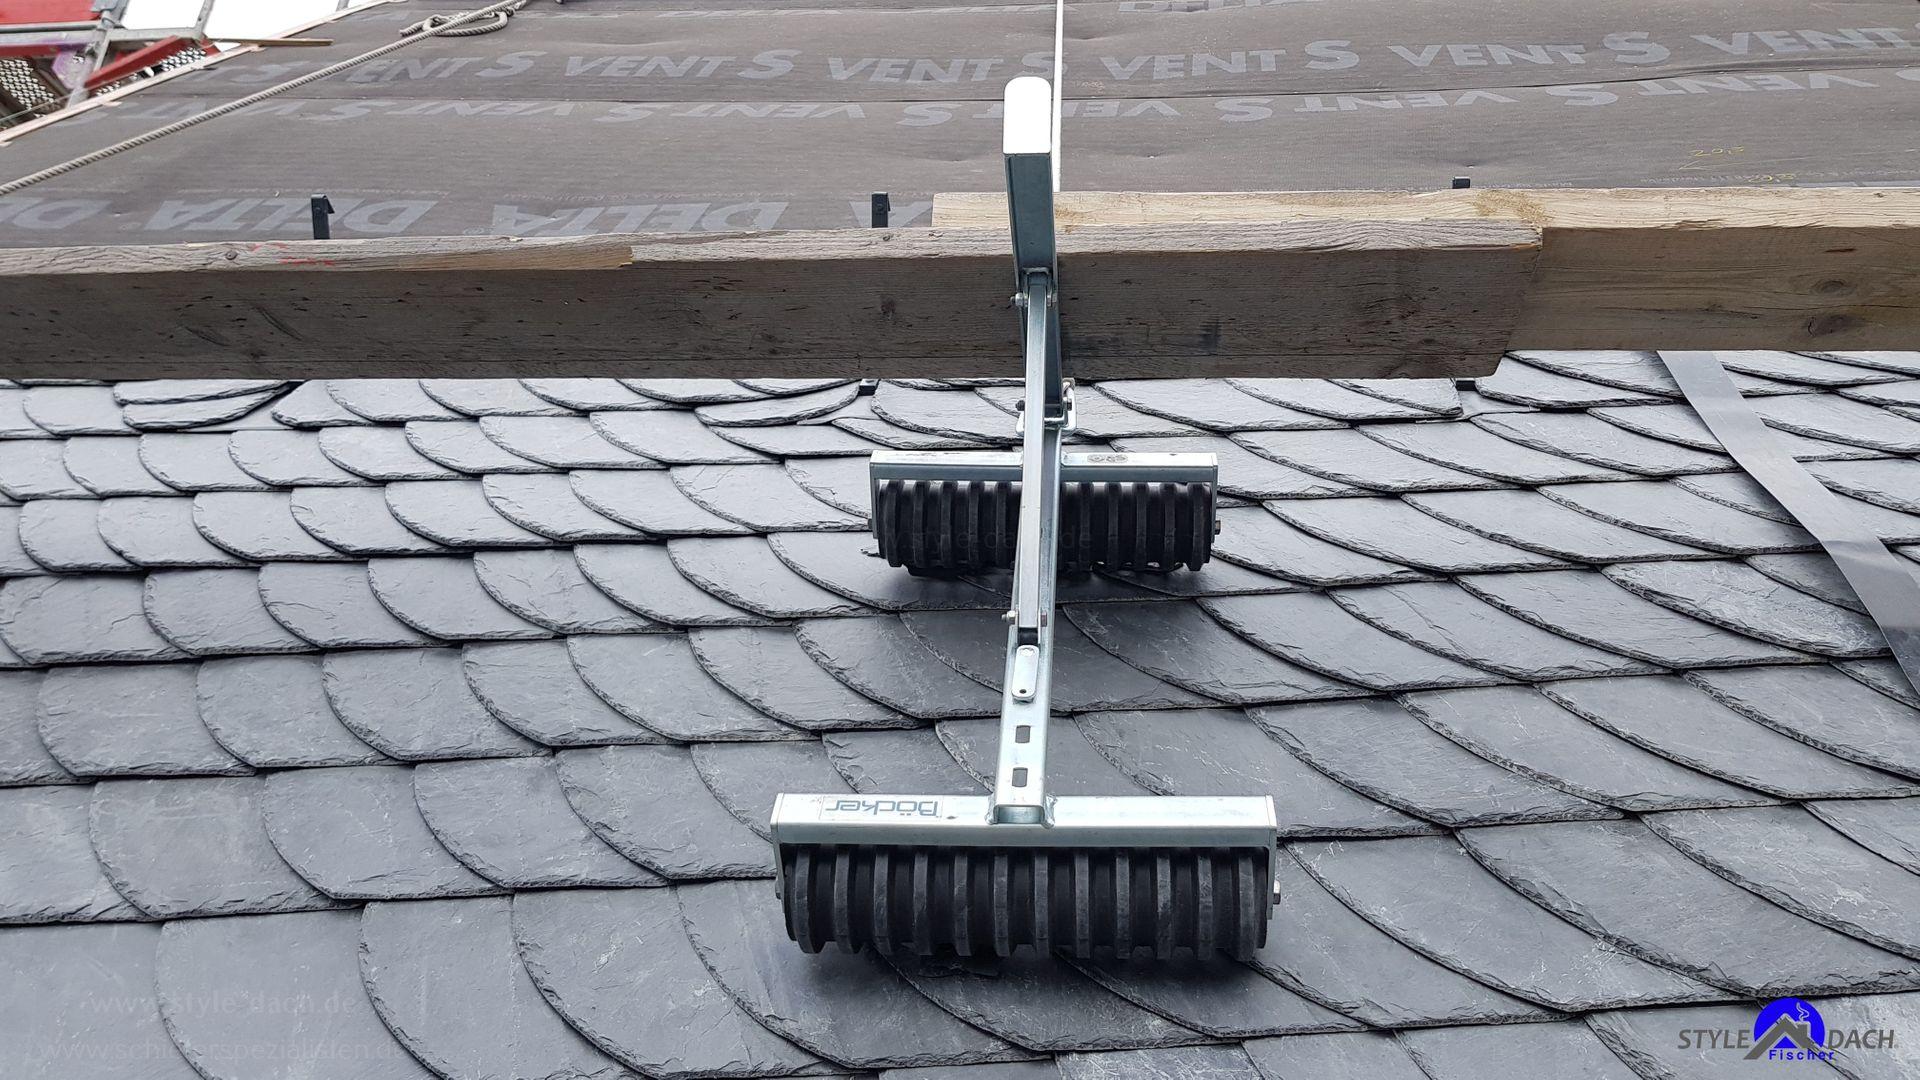 Dach Technik by Style Dach - Style Dach Shop